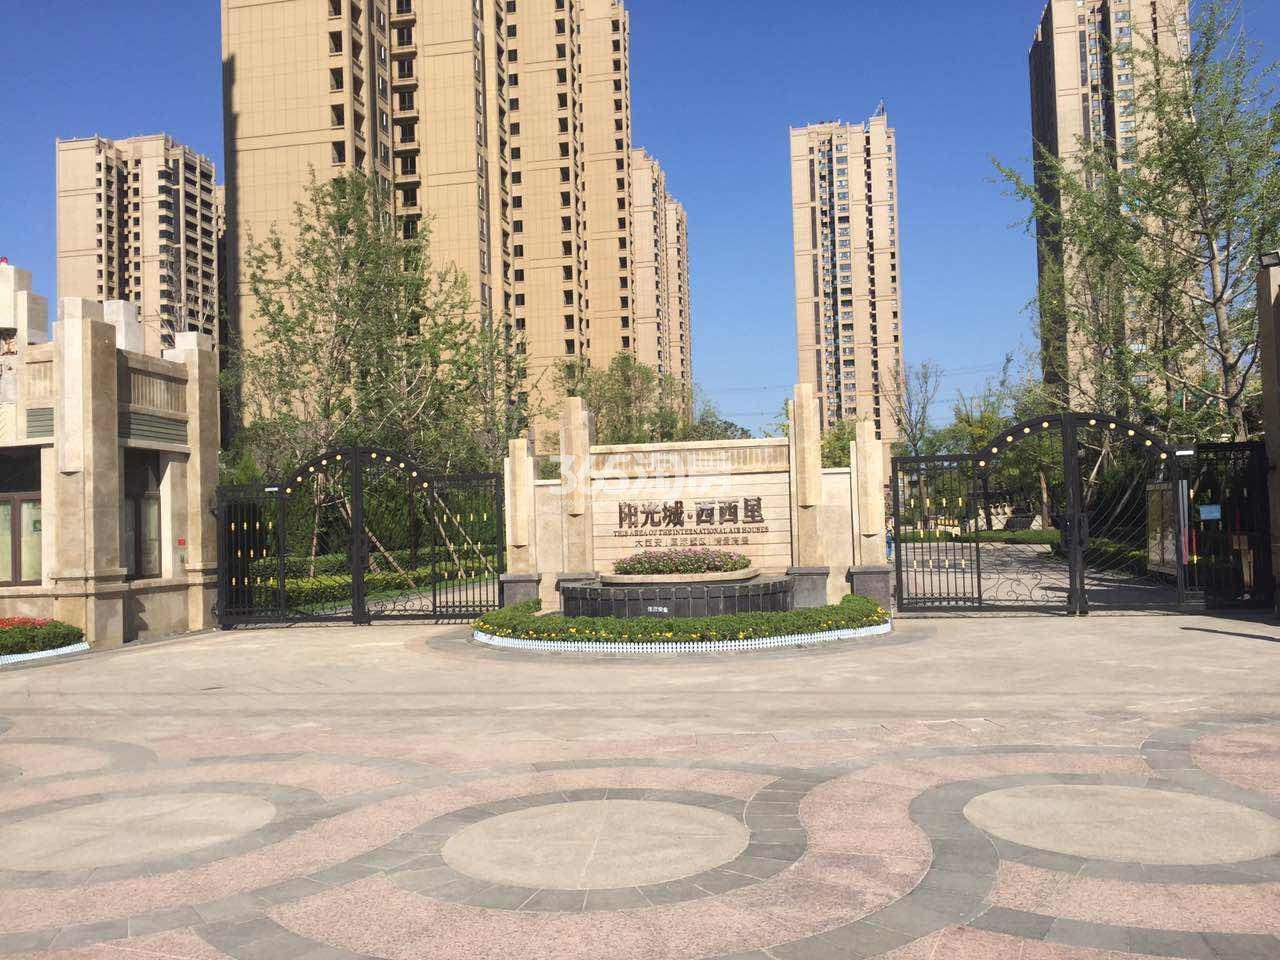 阳光城西西里实景图(2017.09.06)